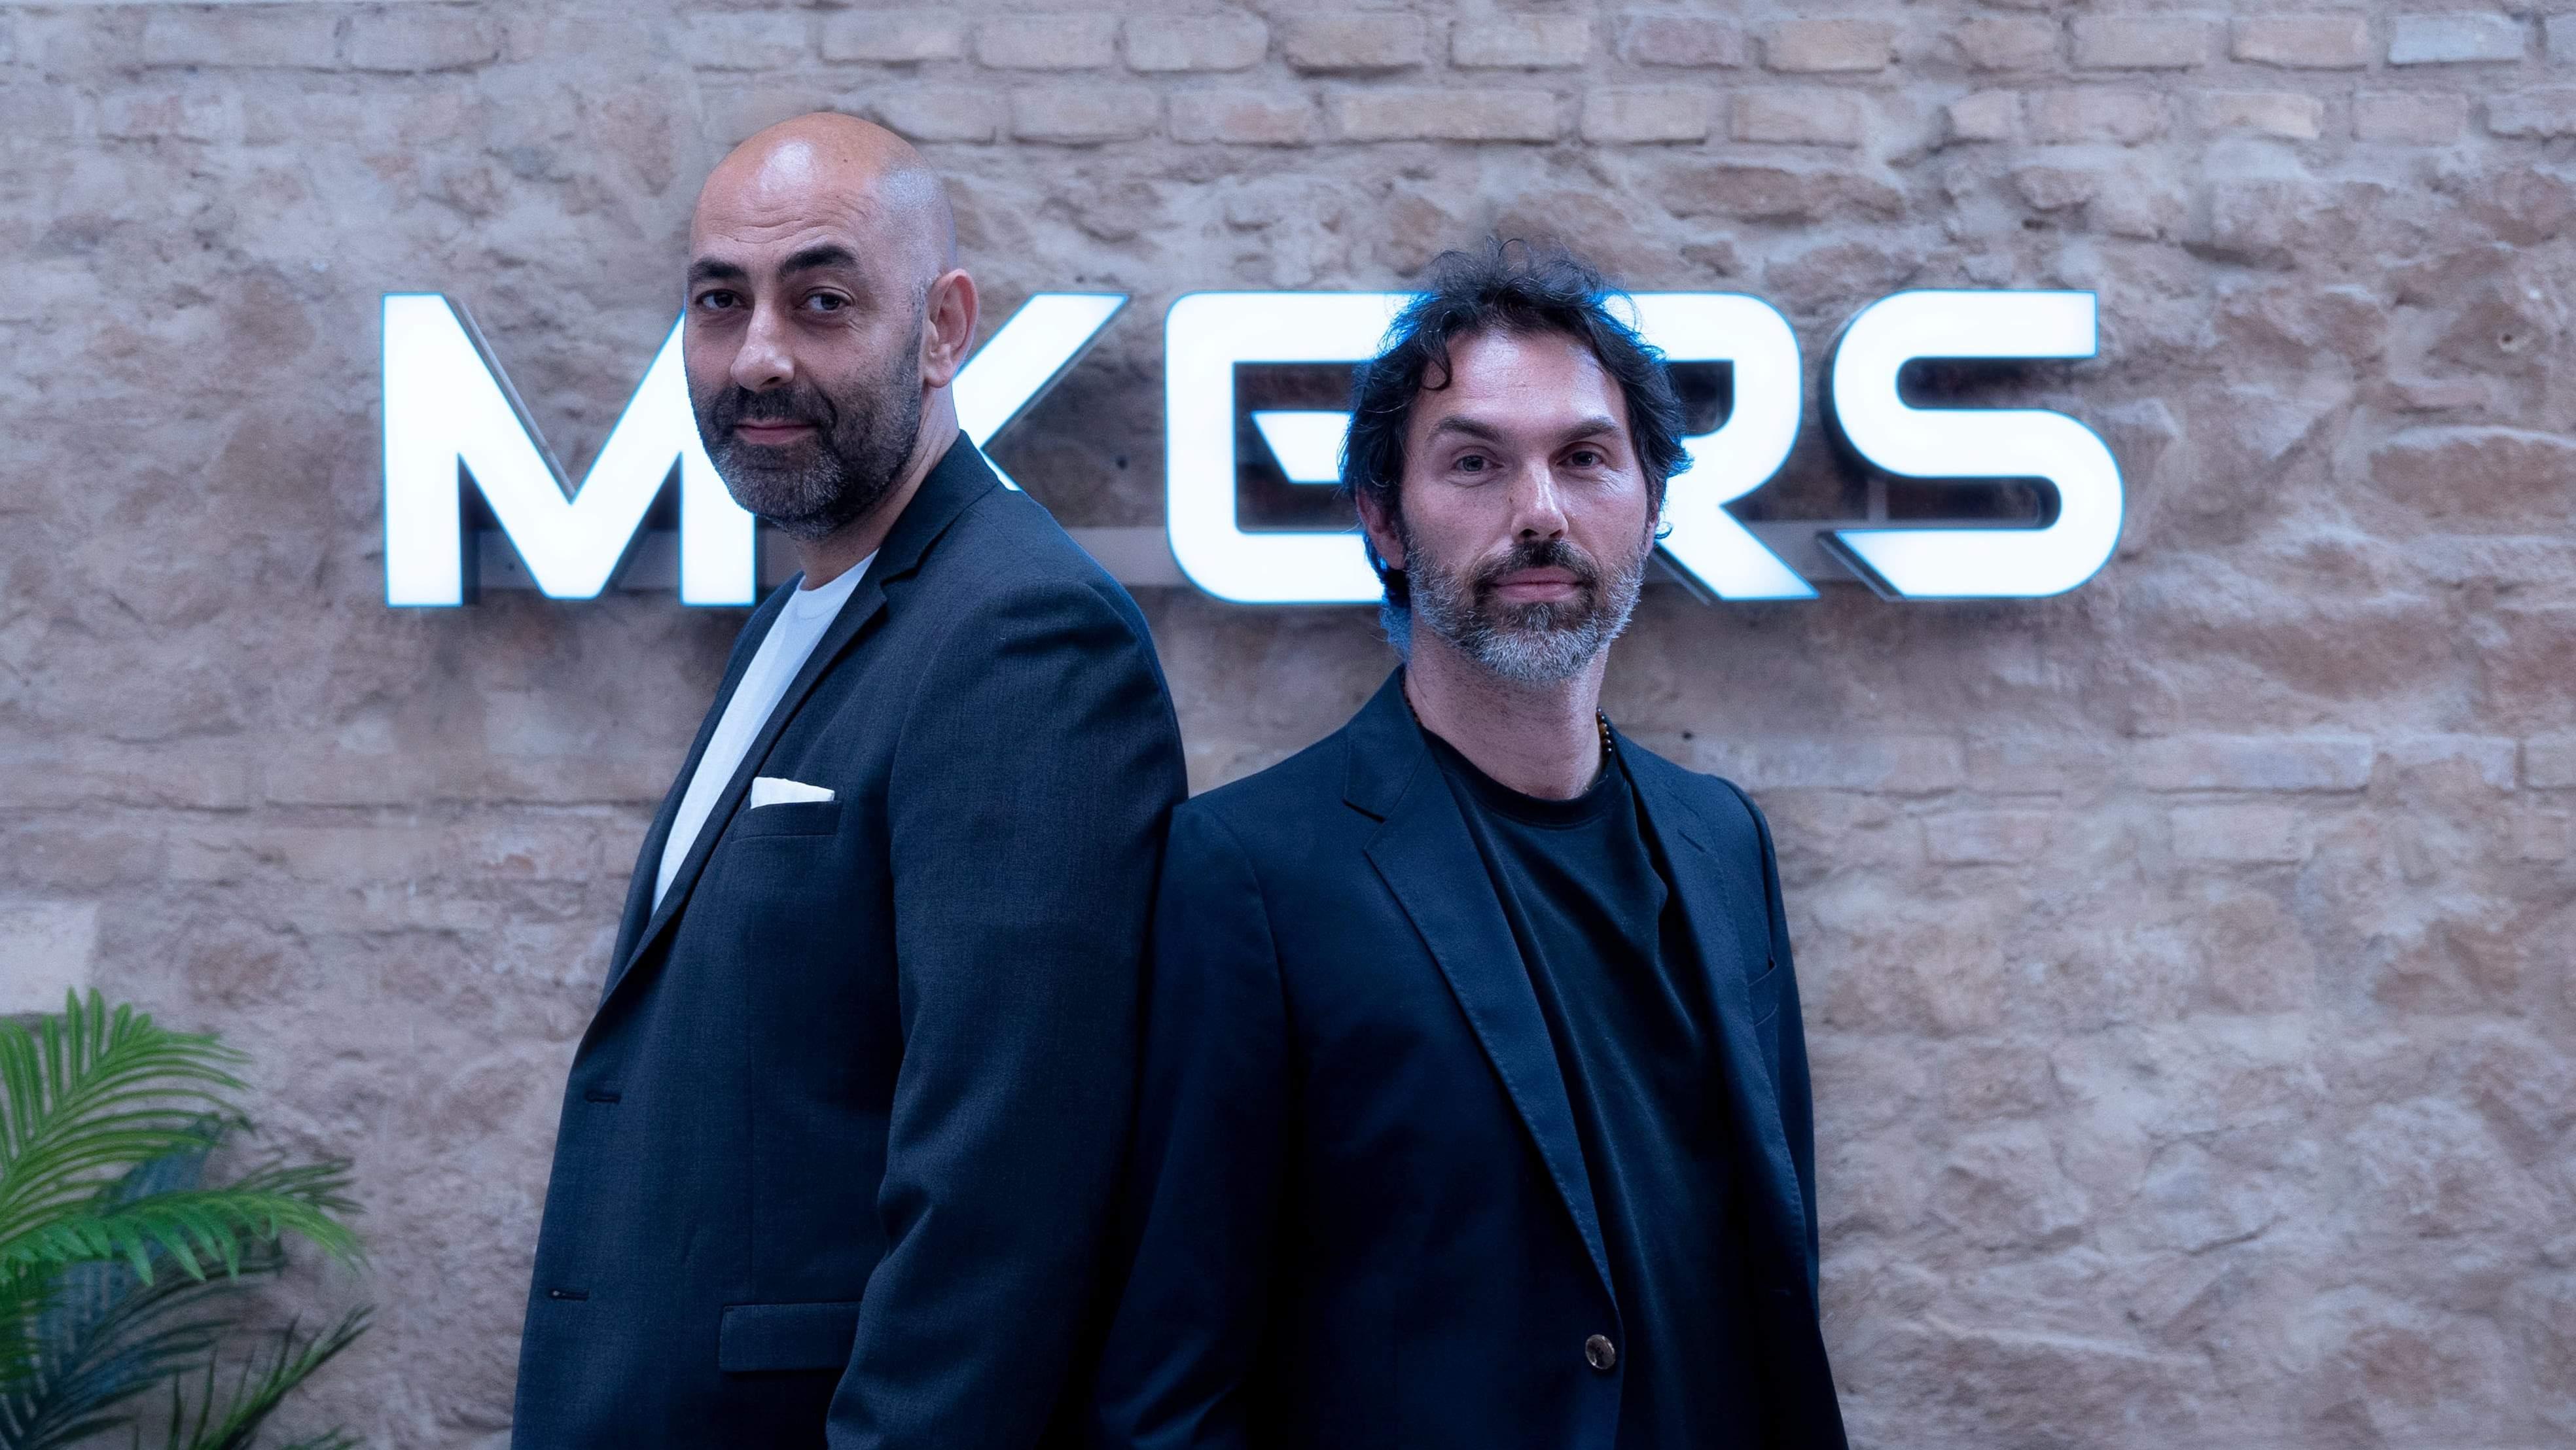 Mkers: prima S.P.A. italiana del settore eSport